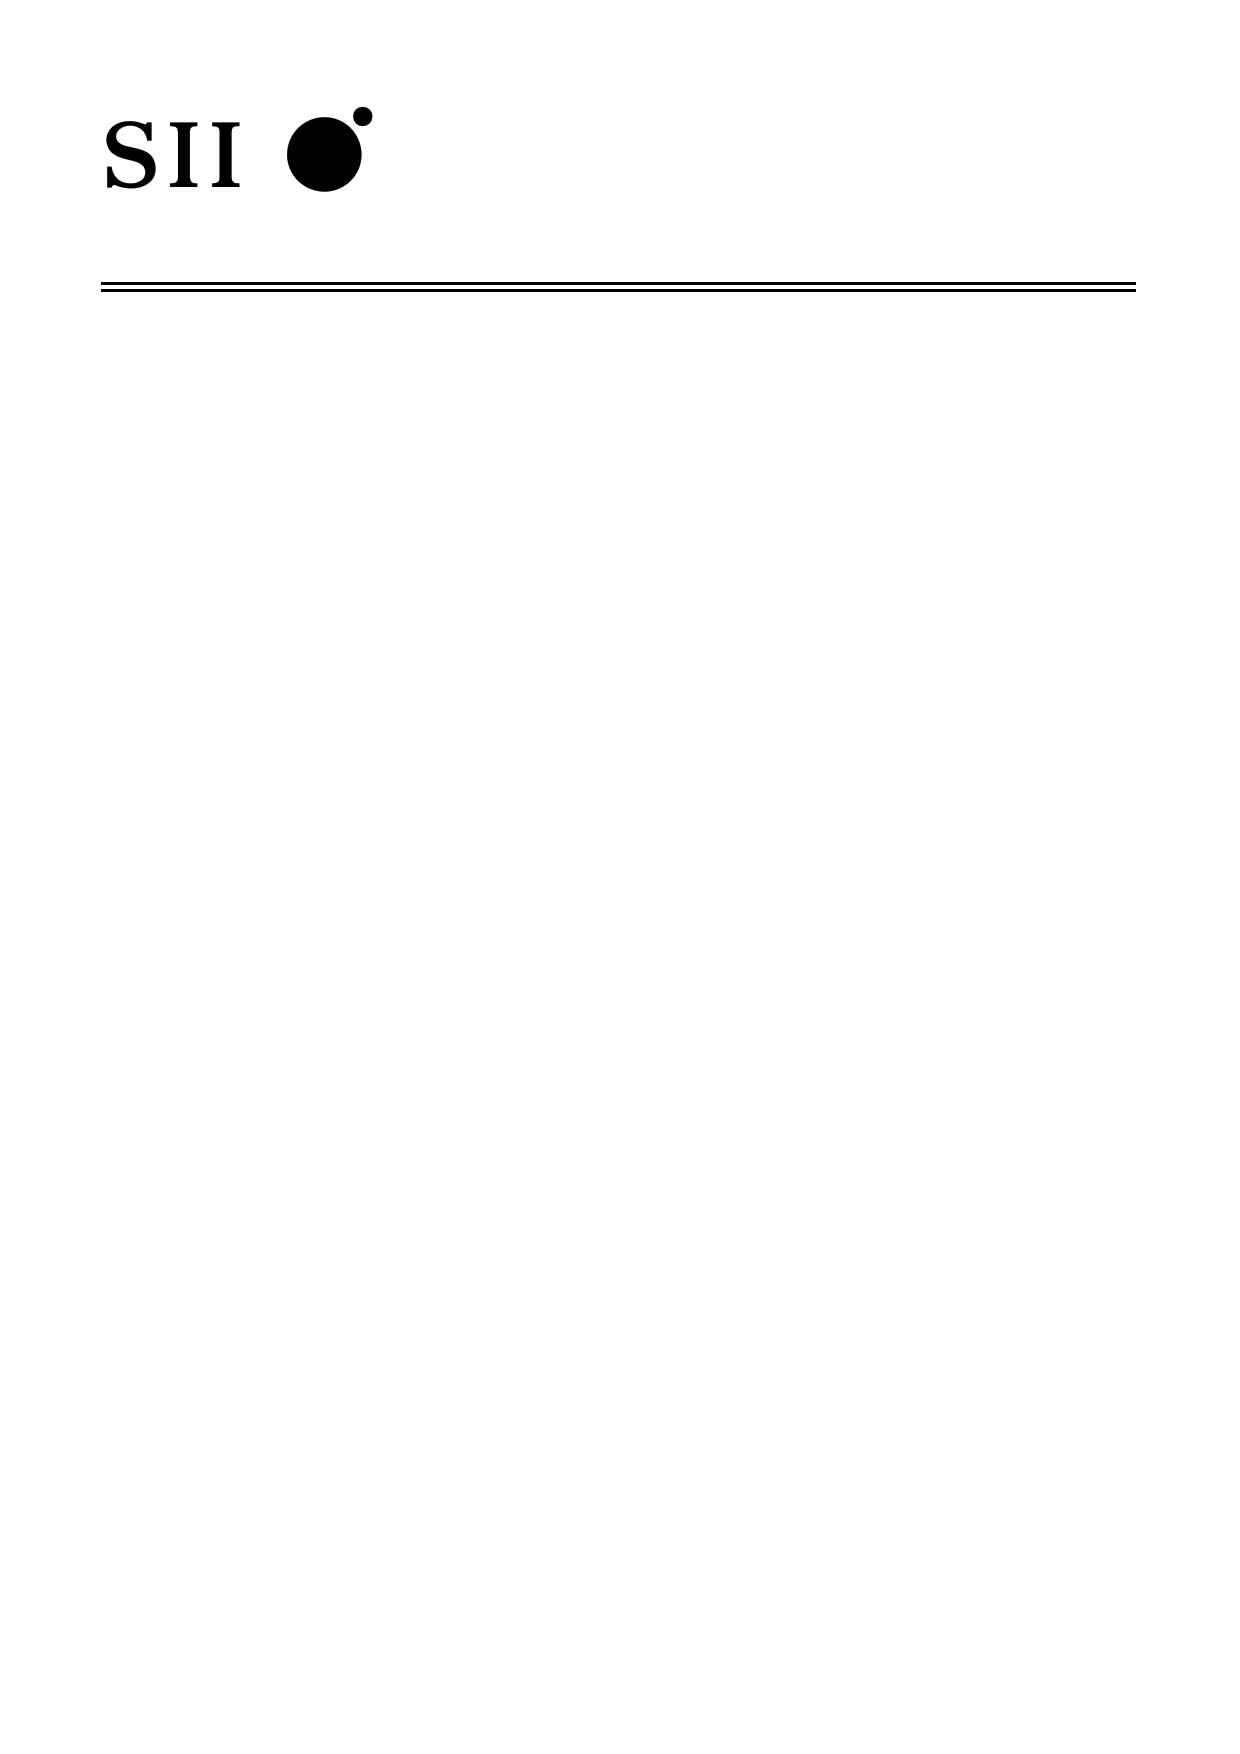 S-1313 دیتاشیت PDF